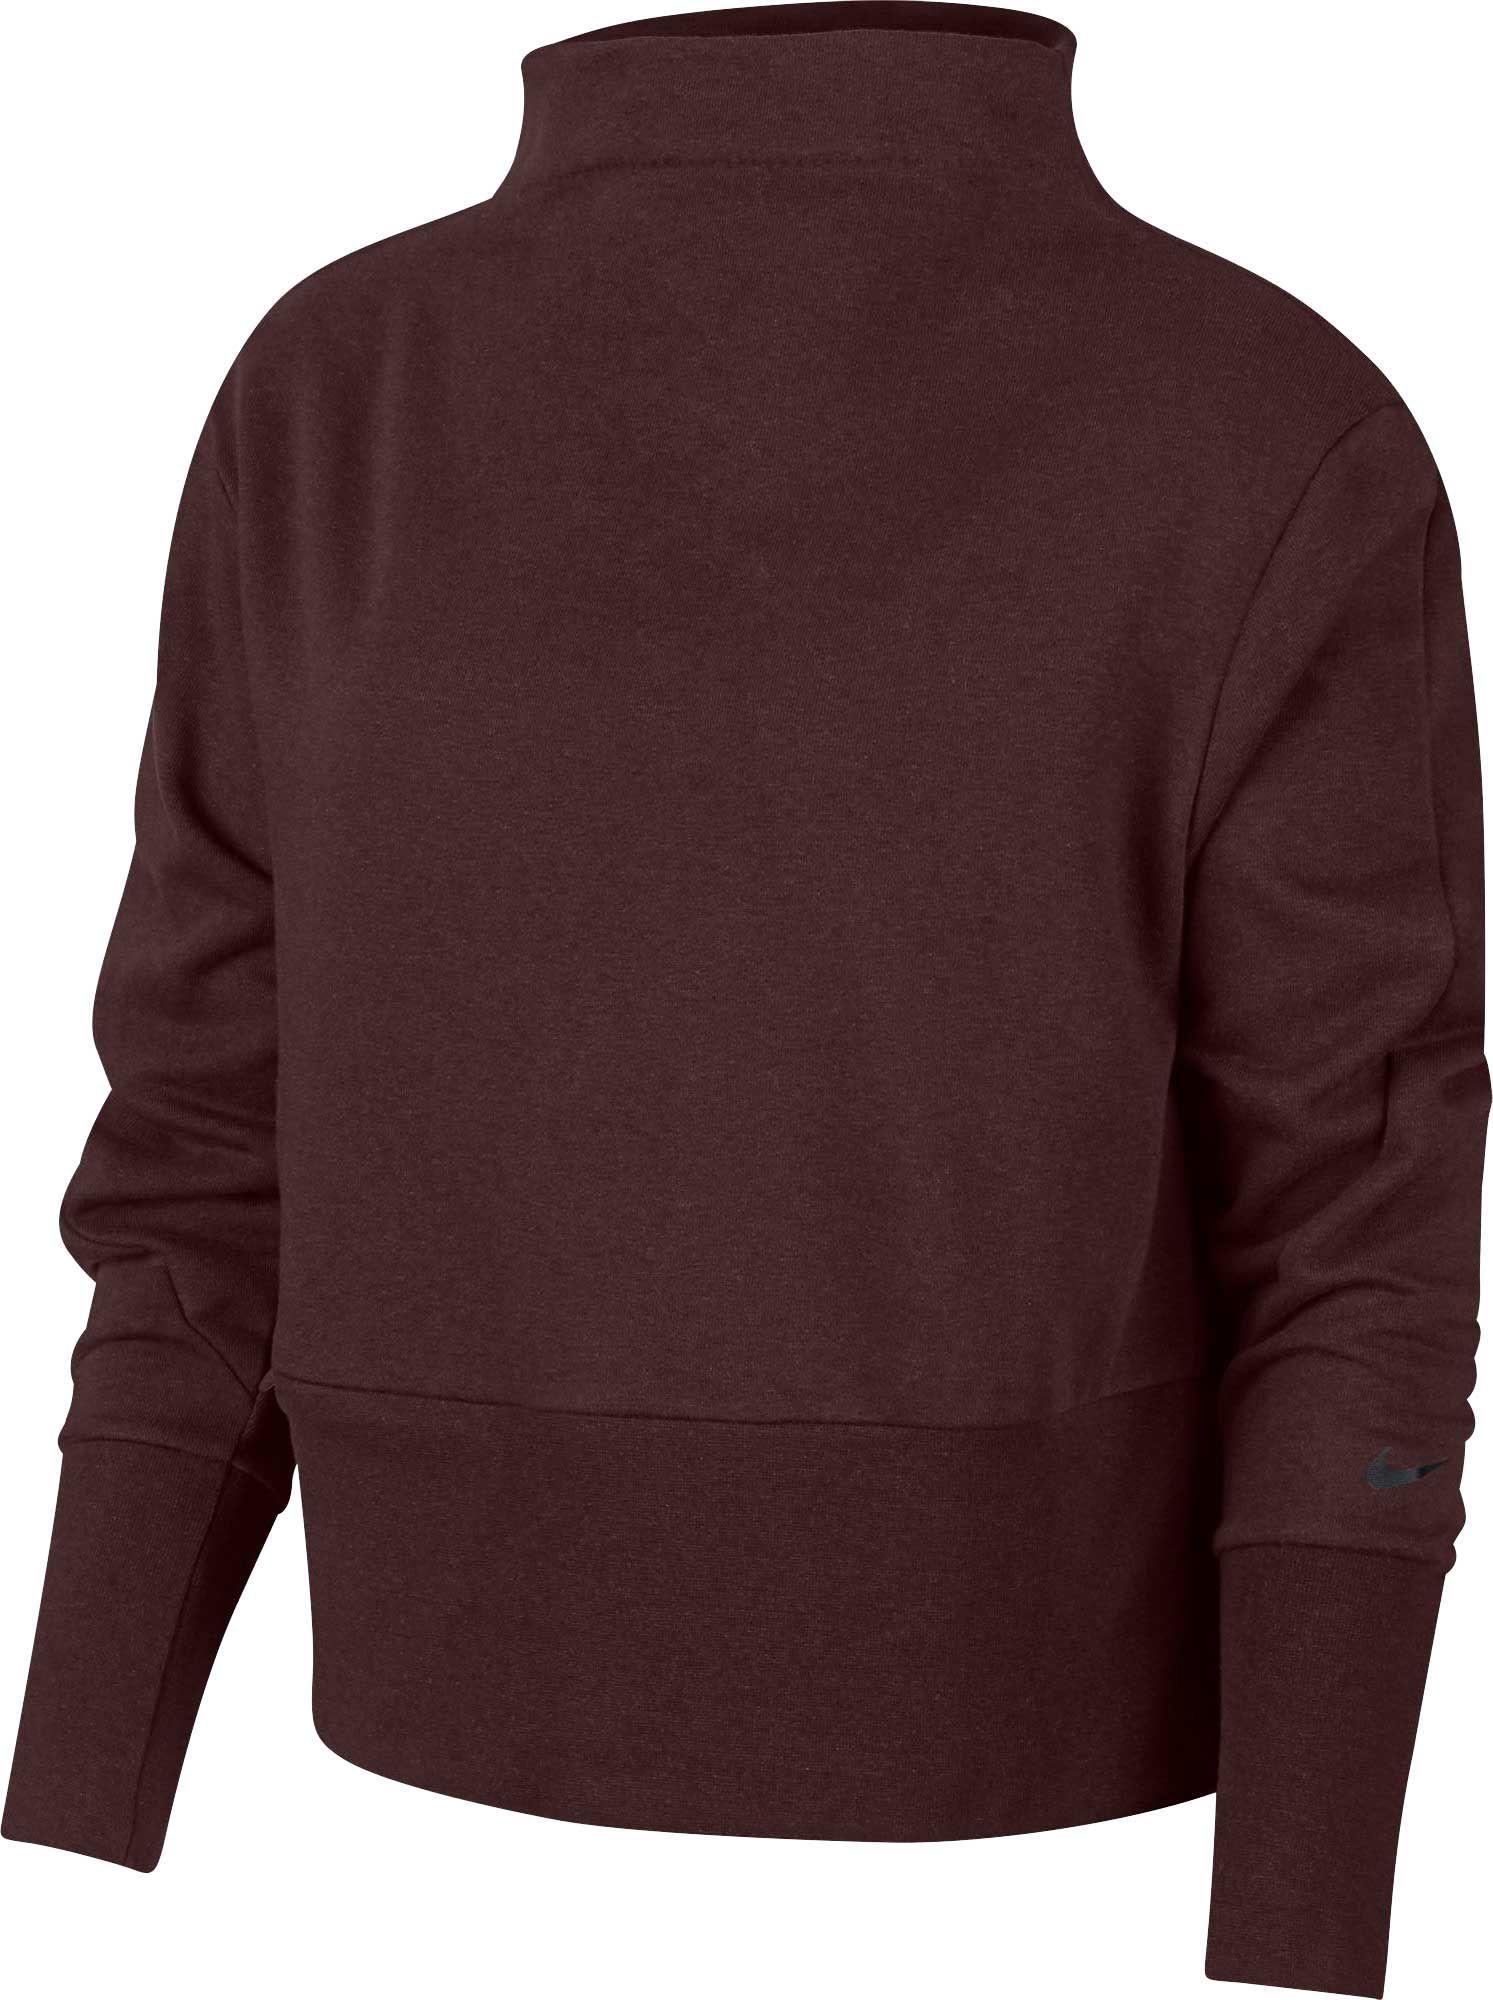 d2e8ad720e5 Lyst - Nike Versa Training Pullover in Purple